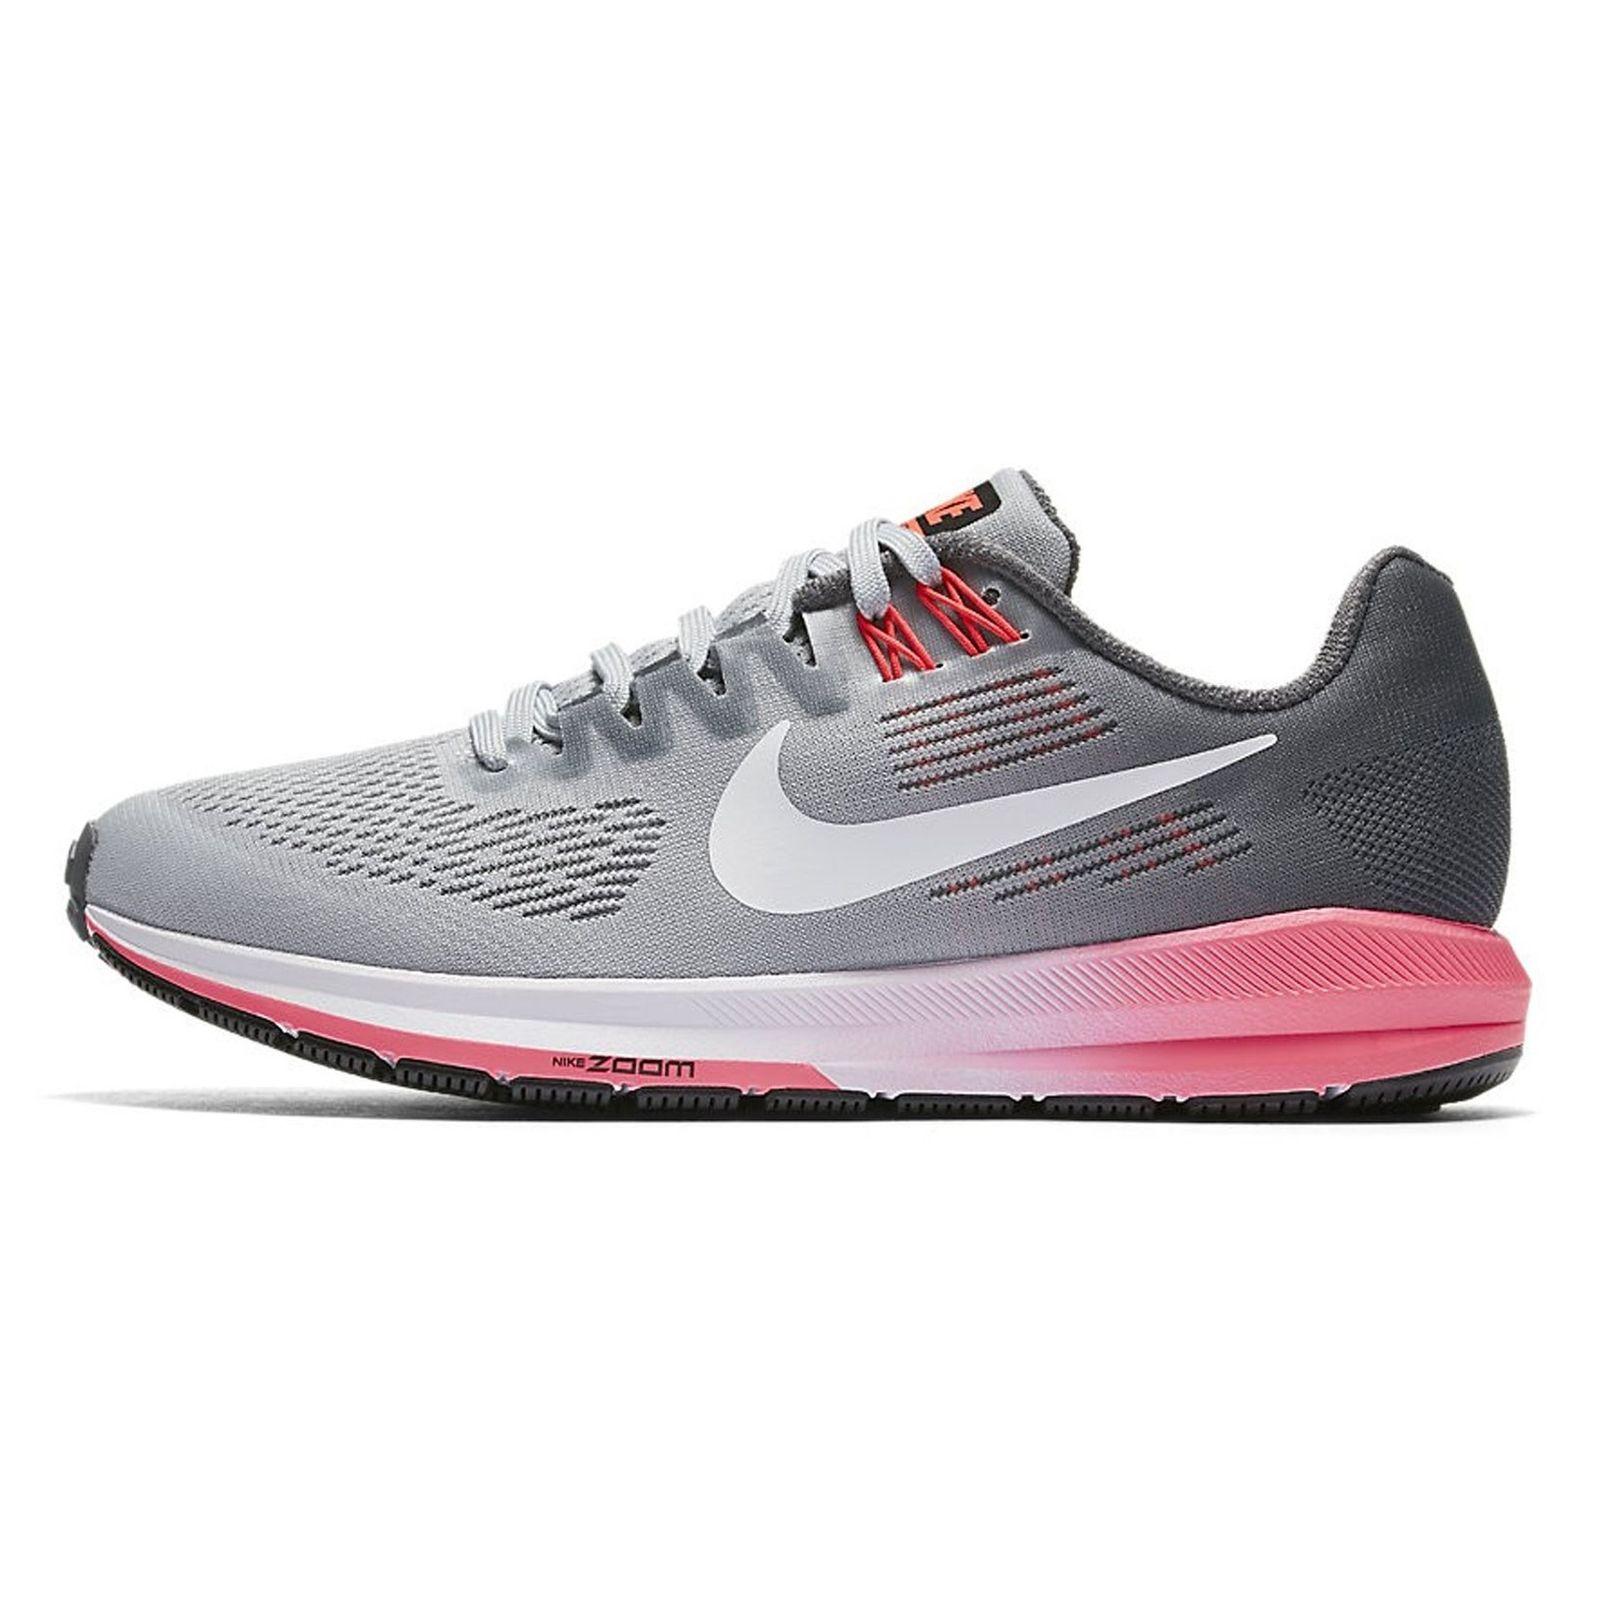 کفش دویدن بندی زنانه Air Zoom Structure 21 - نایکی - طوسي و مشکي - 2